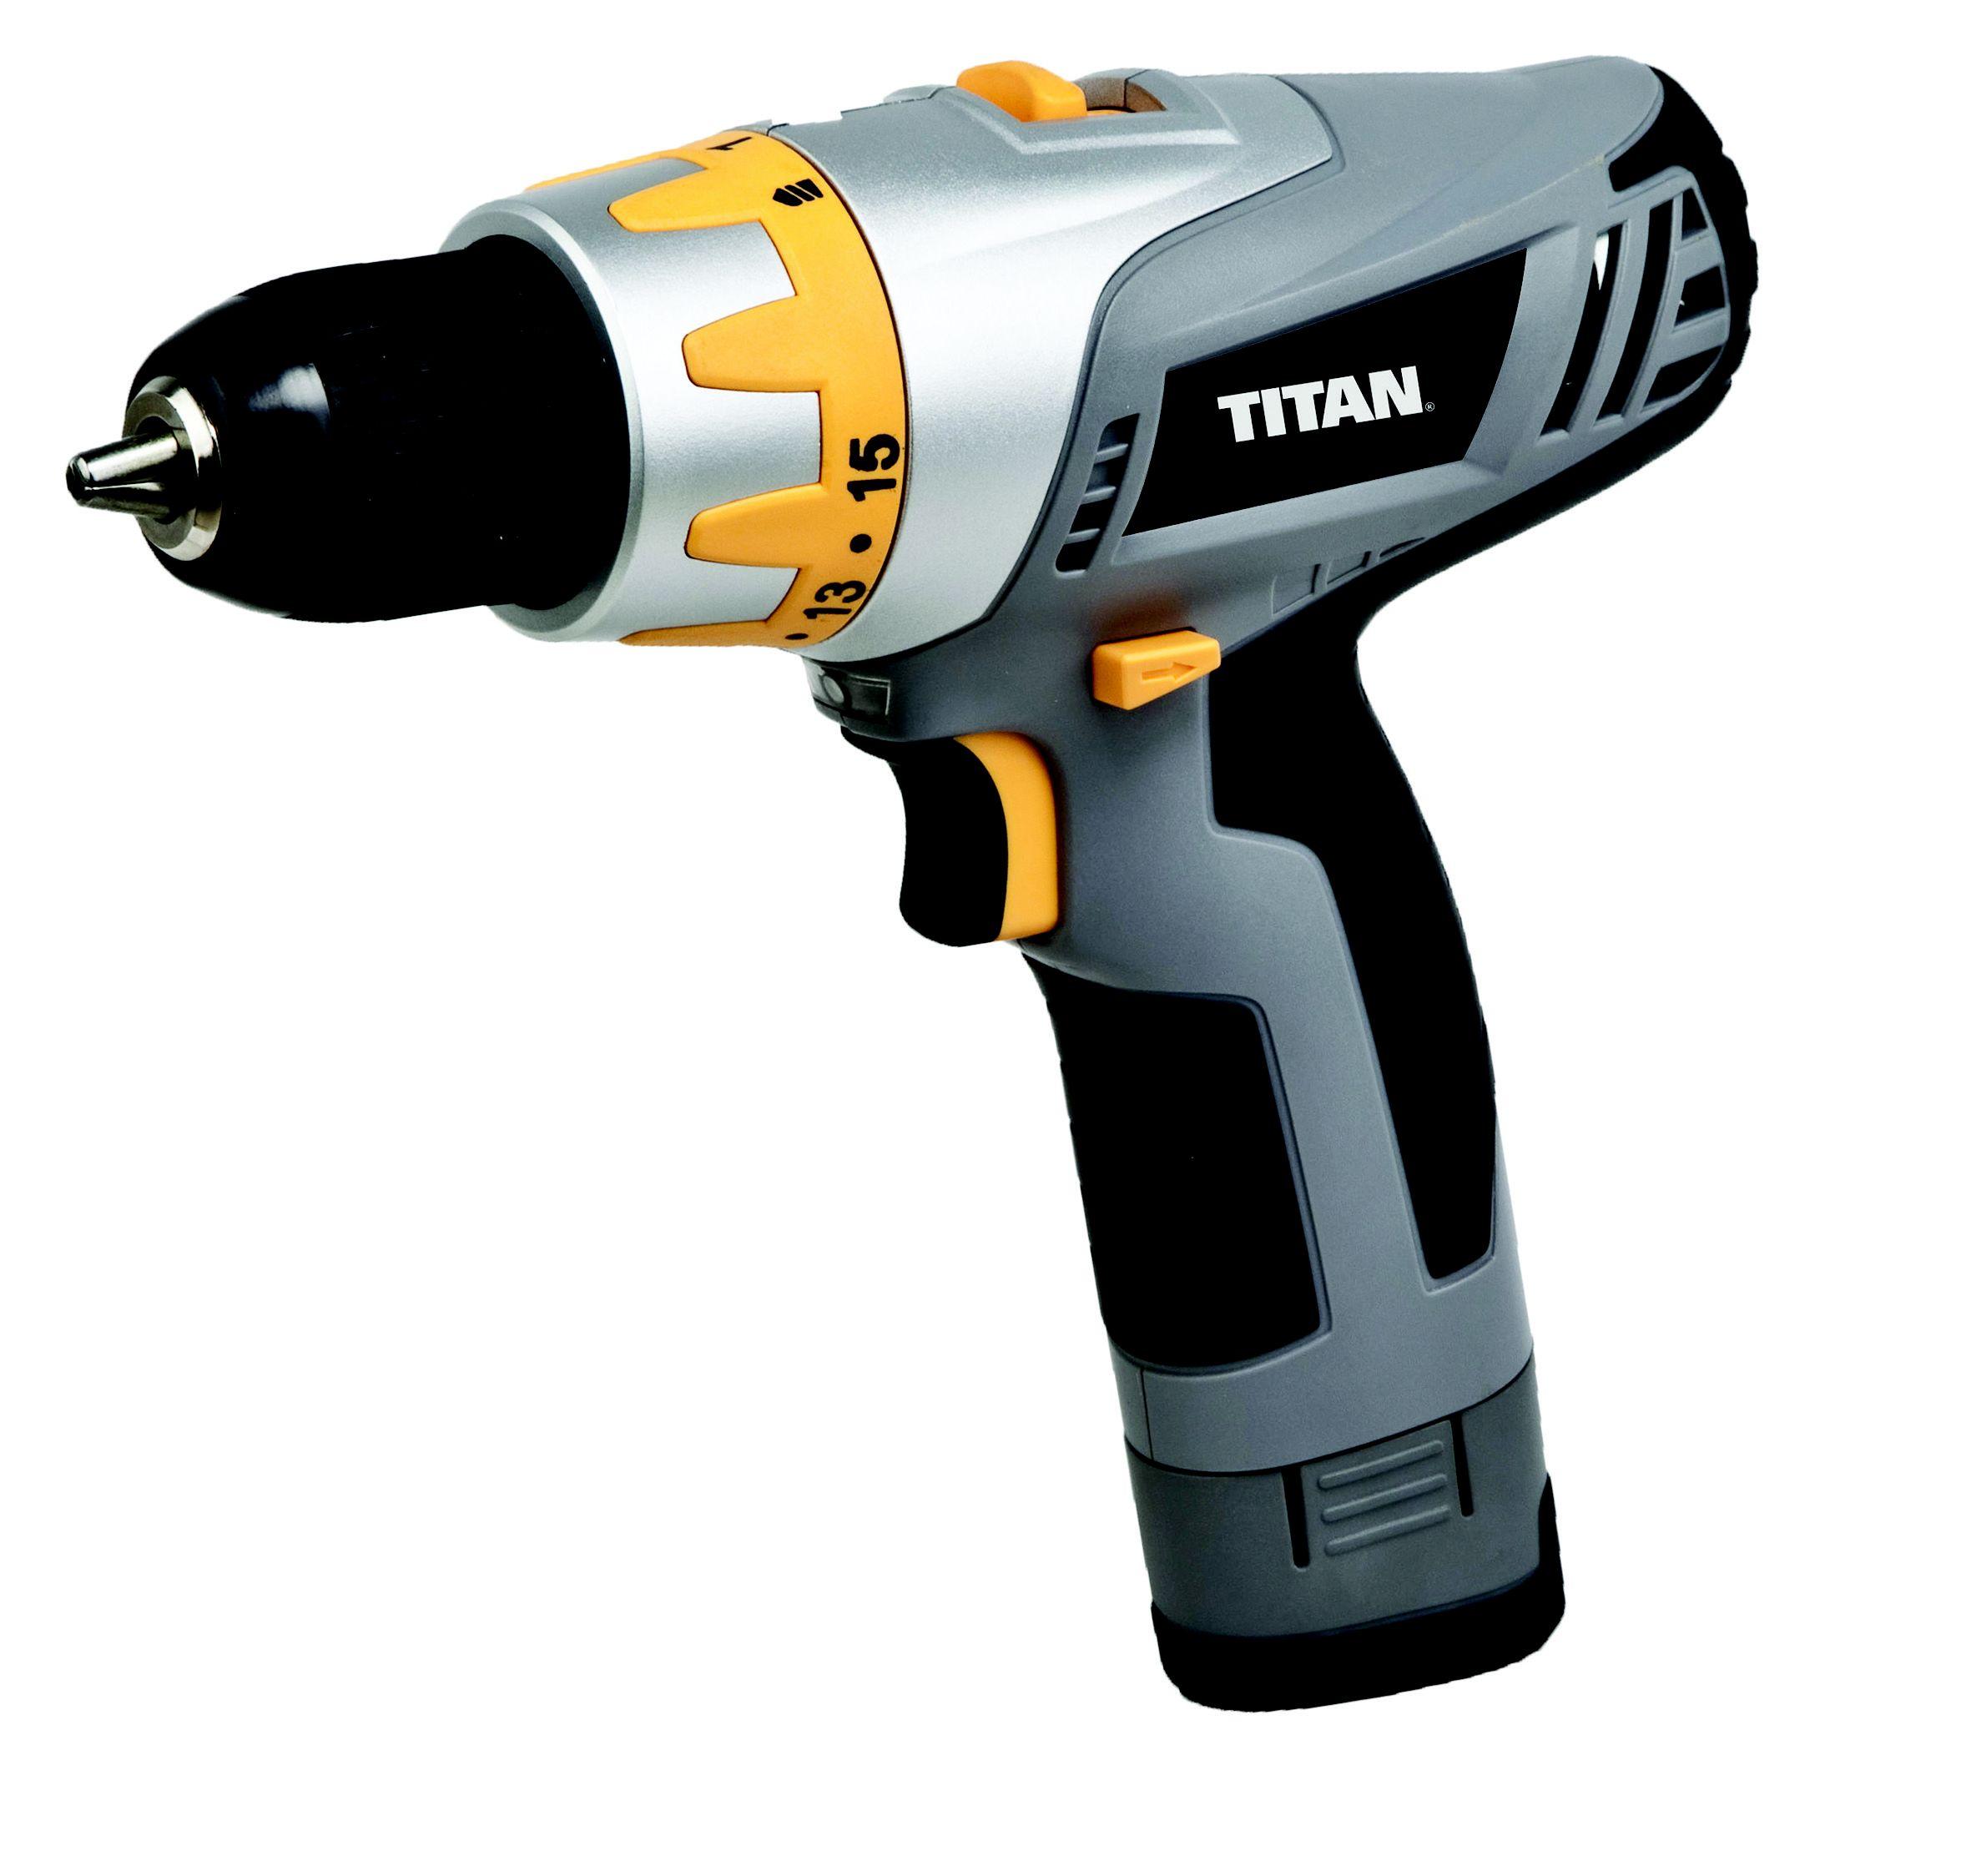 5052931211173 778822 Titan 10 8v Drill Driver 1x1 3ah Li